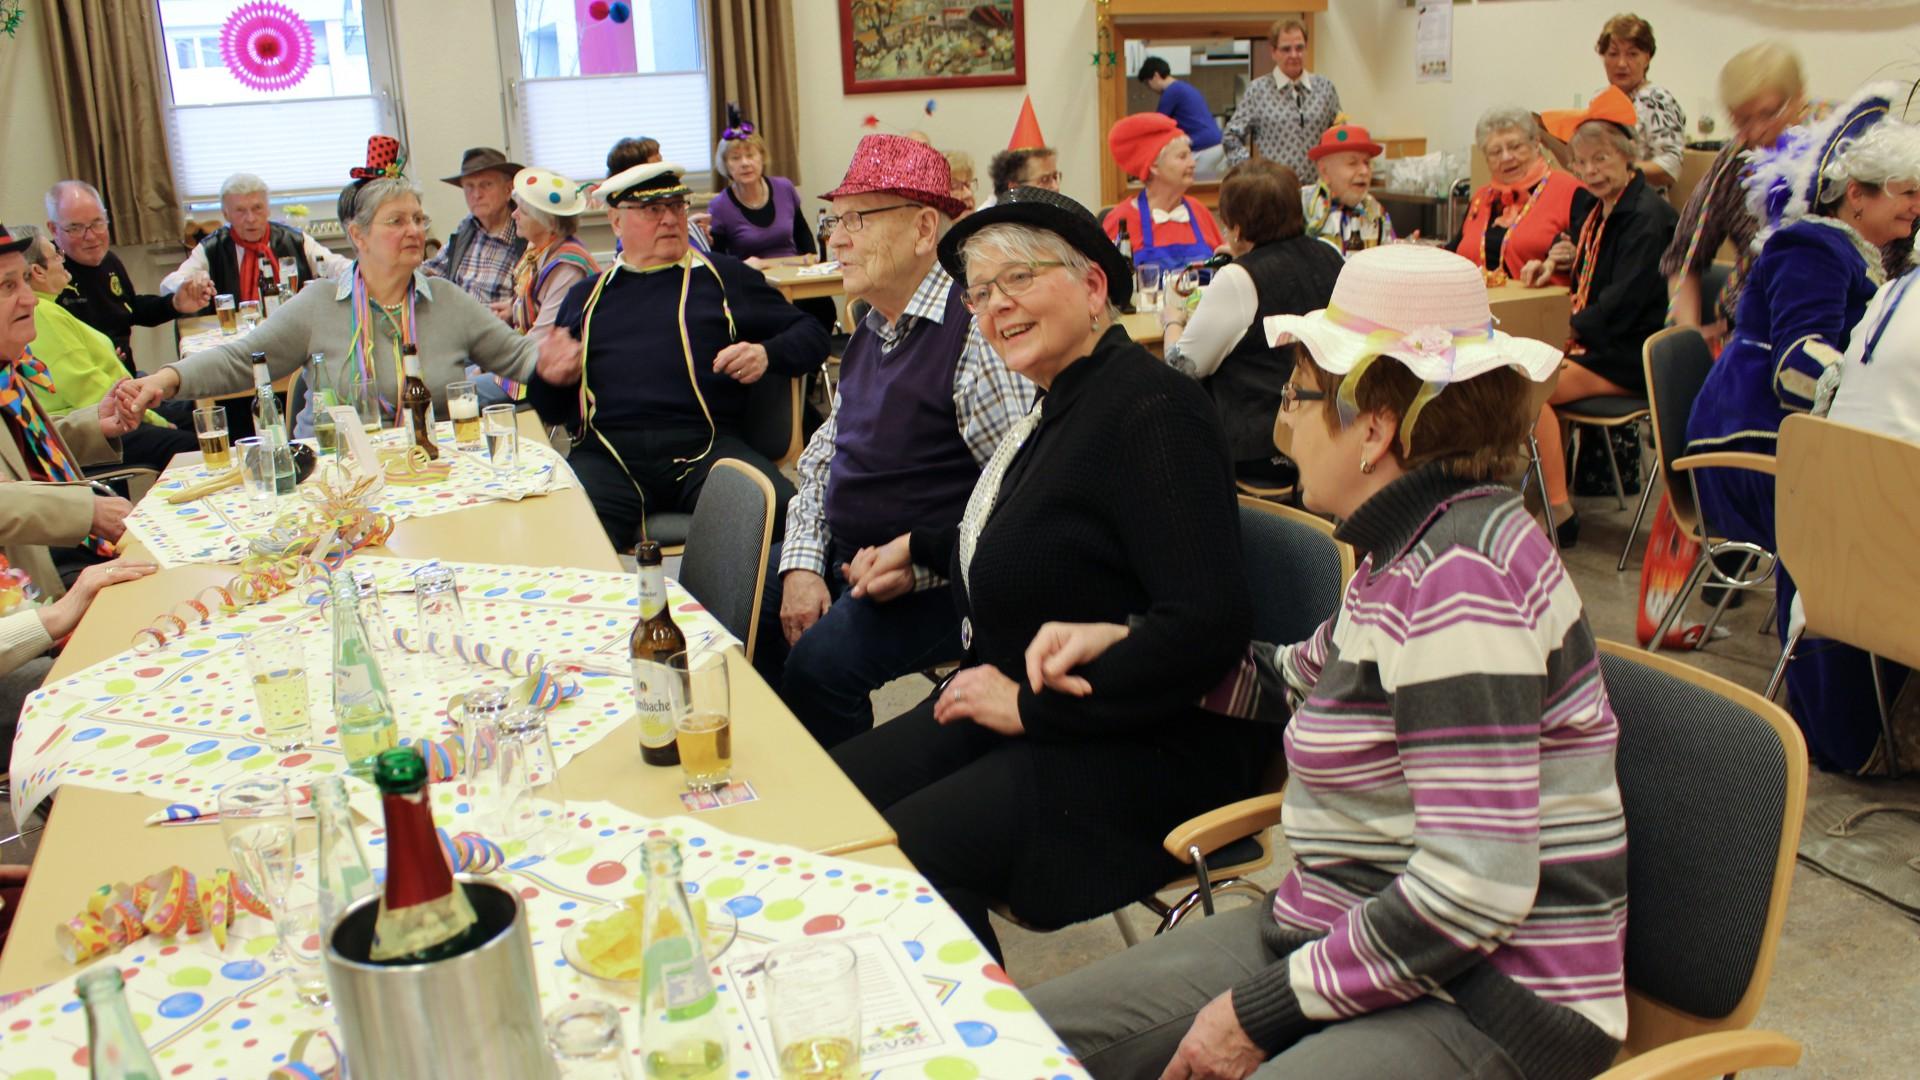 Bester Stimmung waren die fast 60 Mitglieder und Gäste bei der Karnevalfeier des Trägervereins am Samstag in der Seniorenbegegnungsstätte. (Foto: privat)